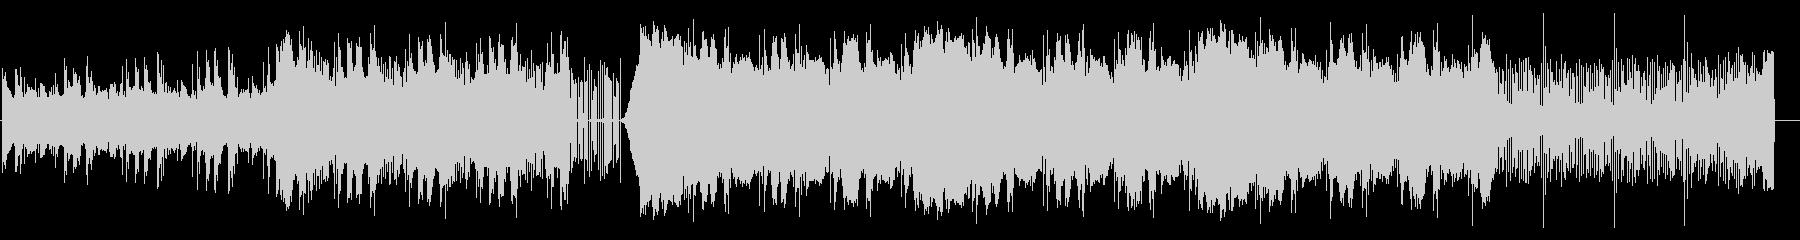 エレクトリック、電気的なBGMの未再生の波形